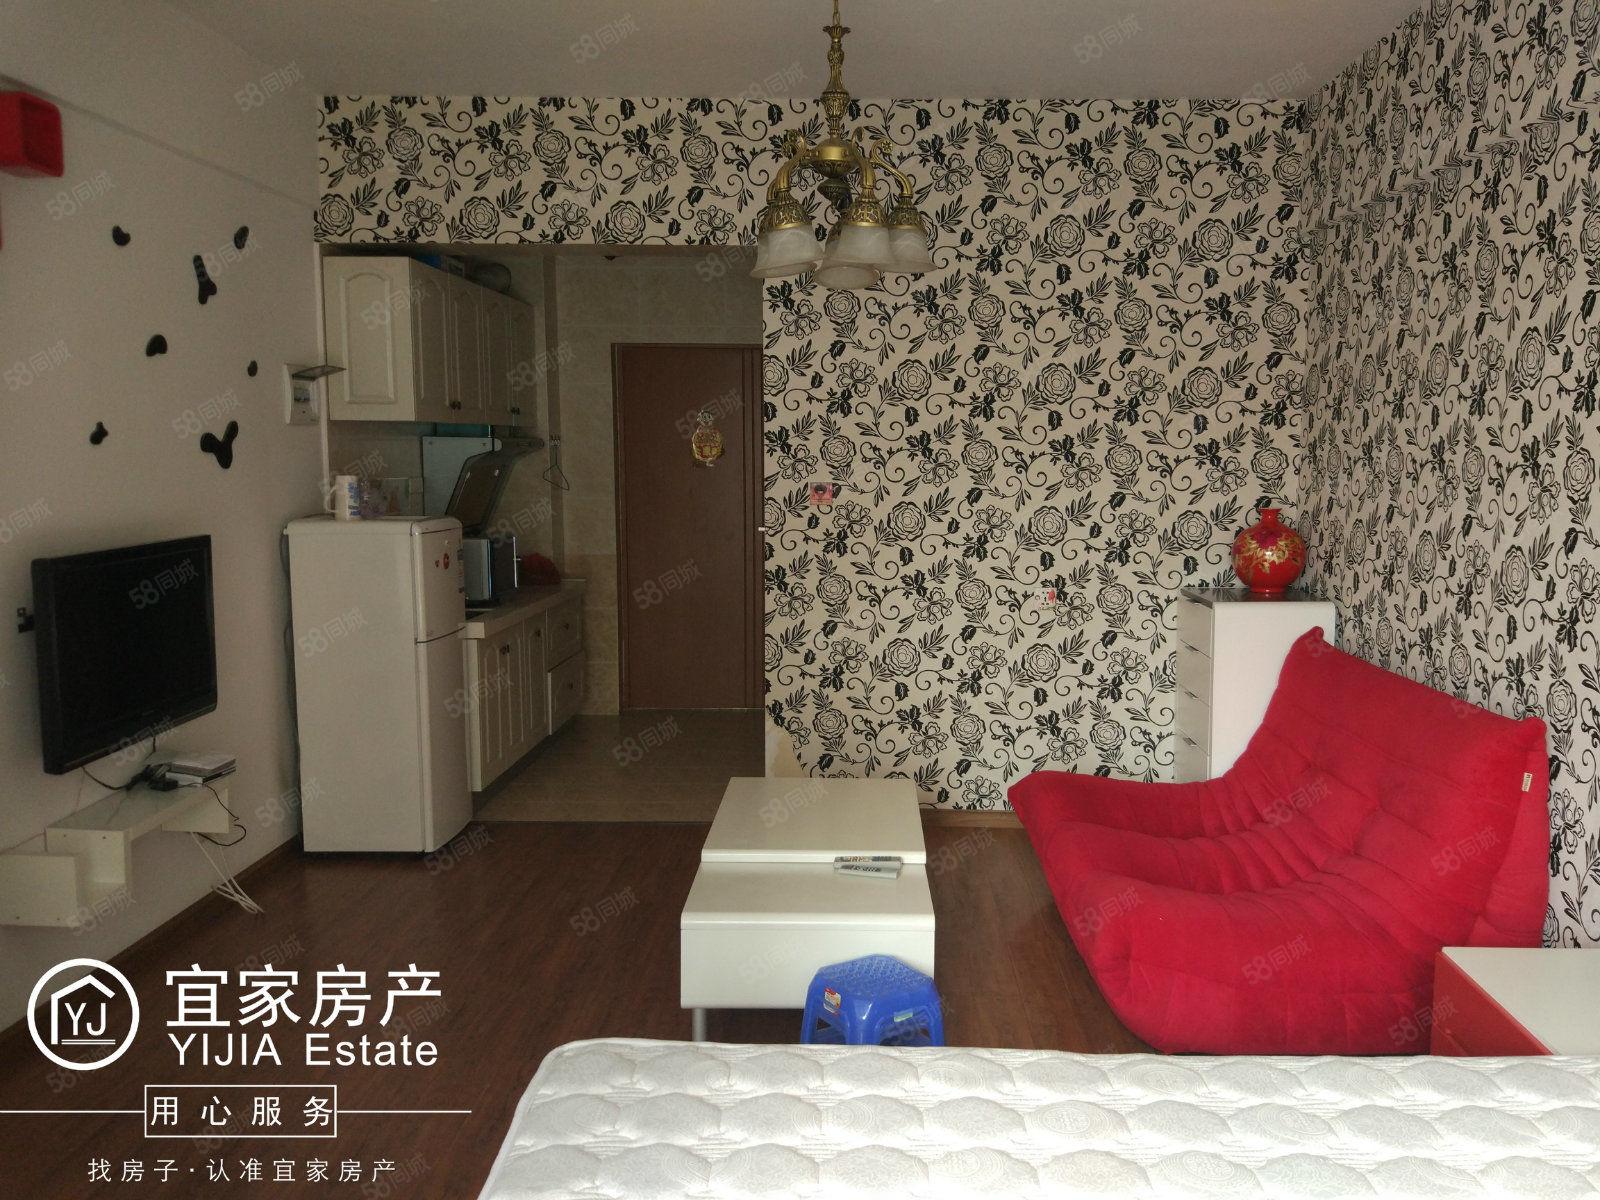 时代广场,1室1厅1厨1卫,精装修单身公寓,带全套家电家具租